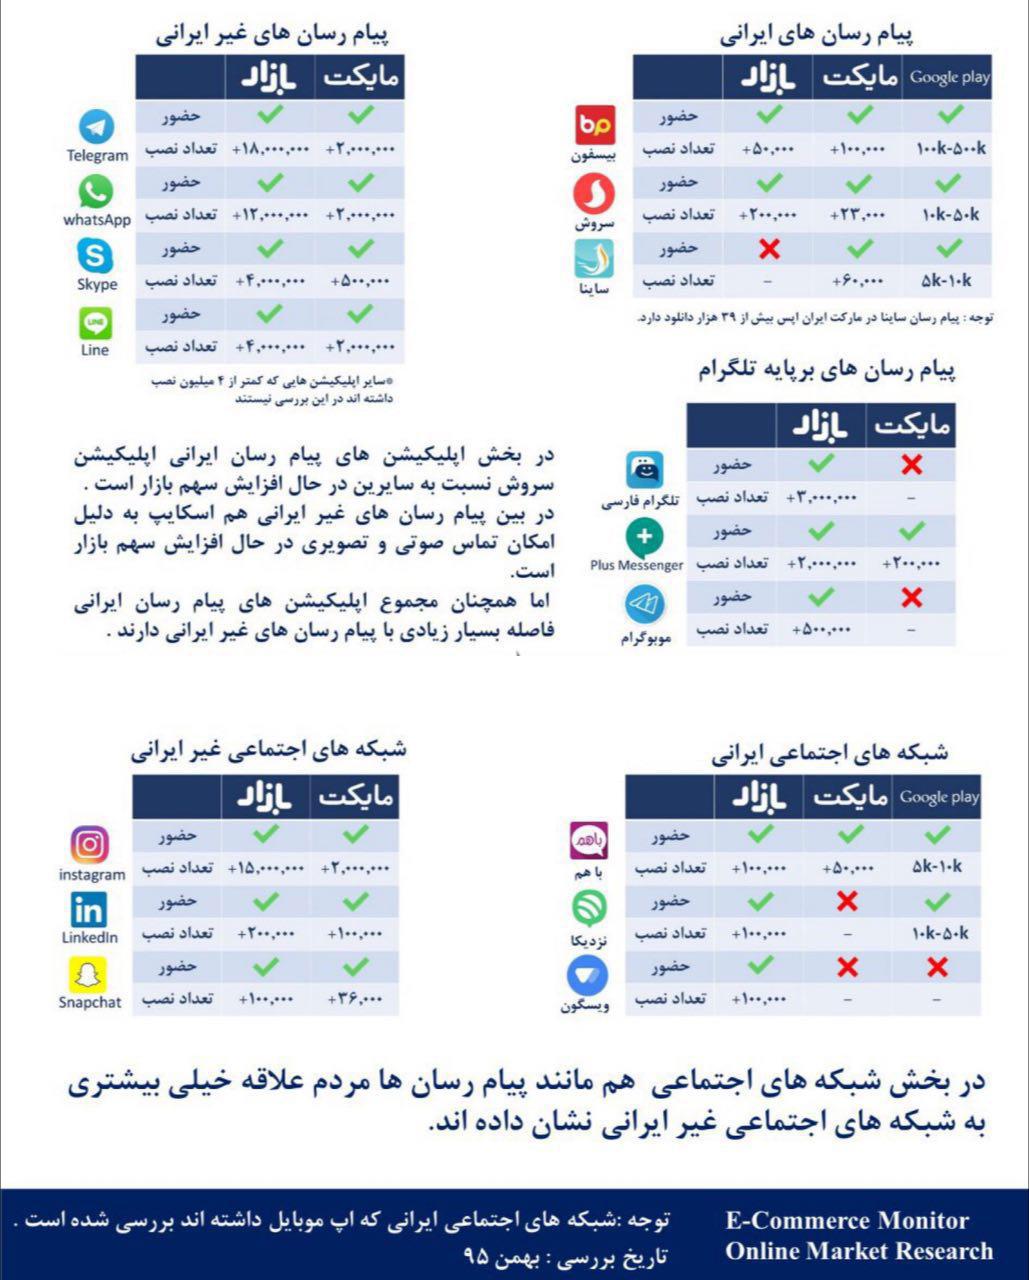 وضعیت اپلیکیشن های شبکه های اجتماعی و پیام رسان ها در ایران و تحلیل آنها